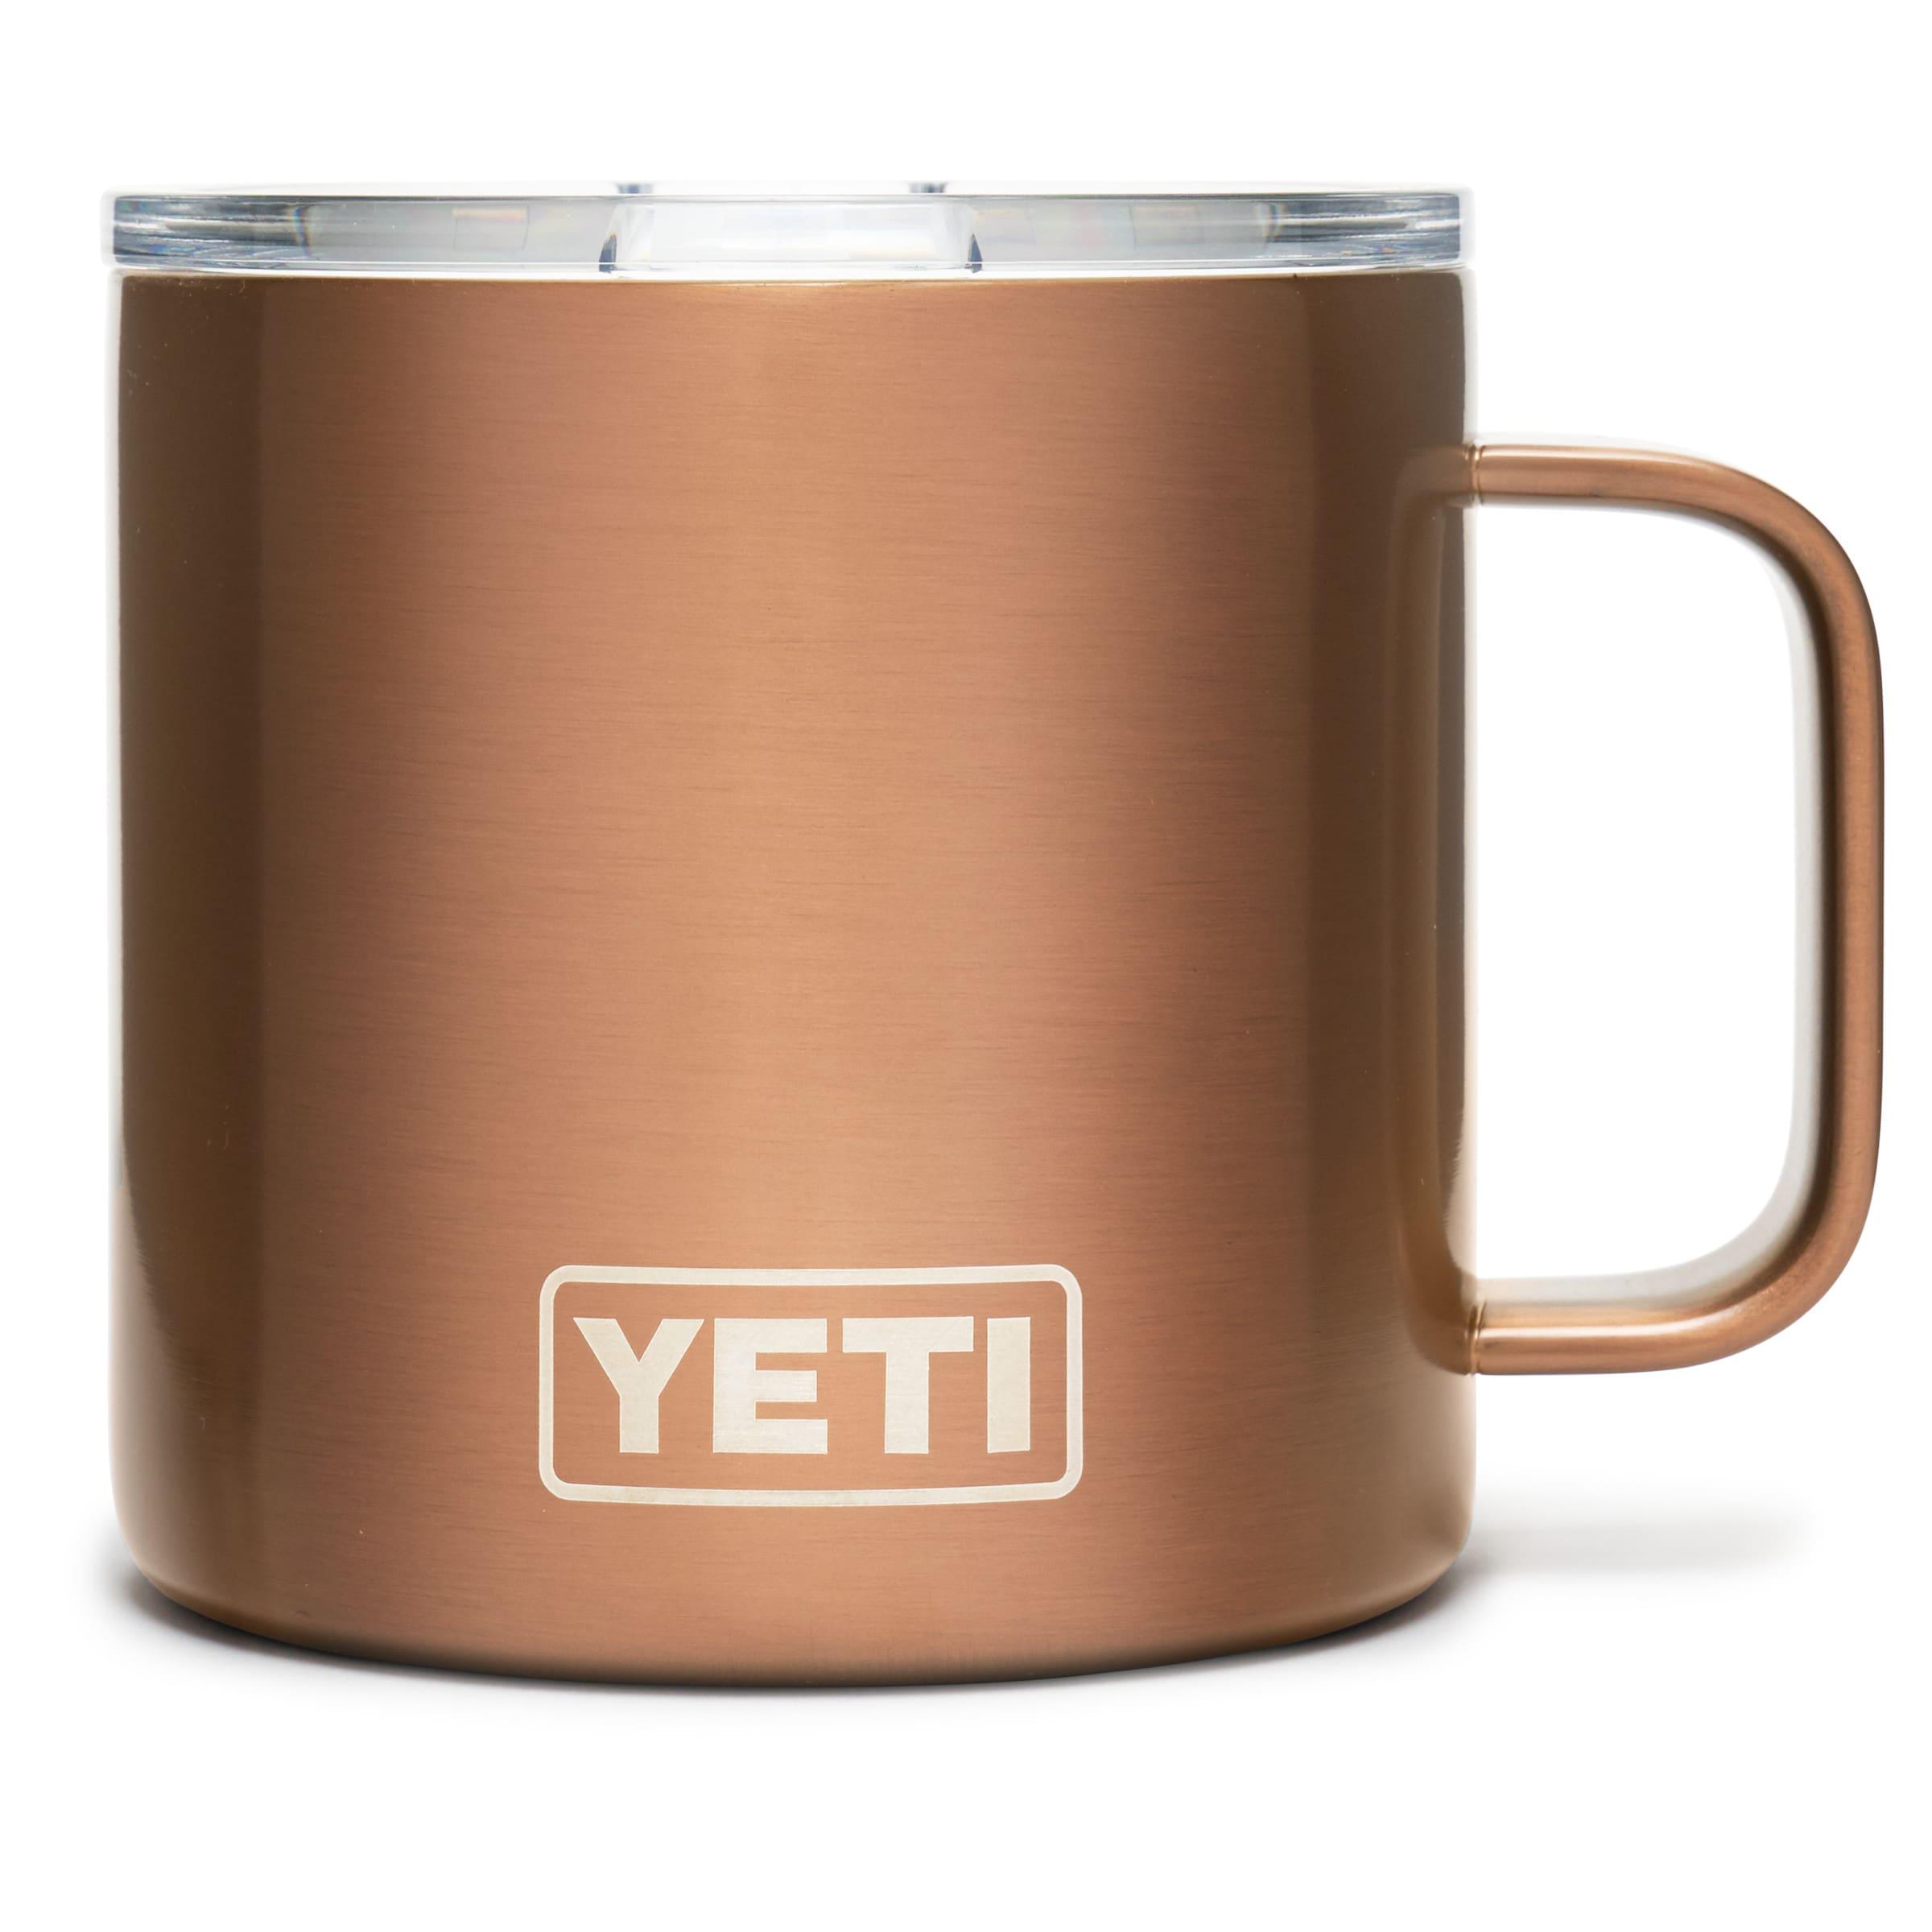 YETI Rambler 14-fl oz Stainless Steel Travel Mug | 21071500289